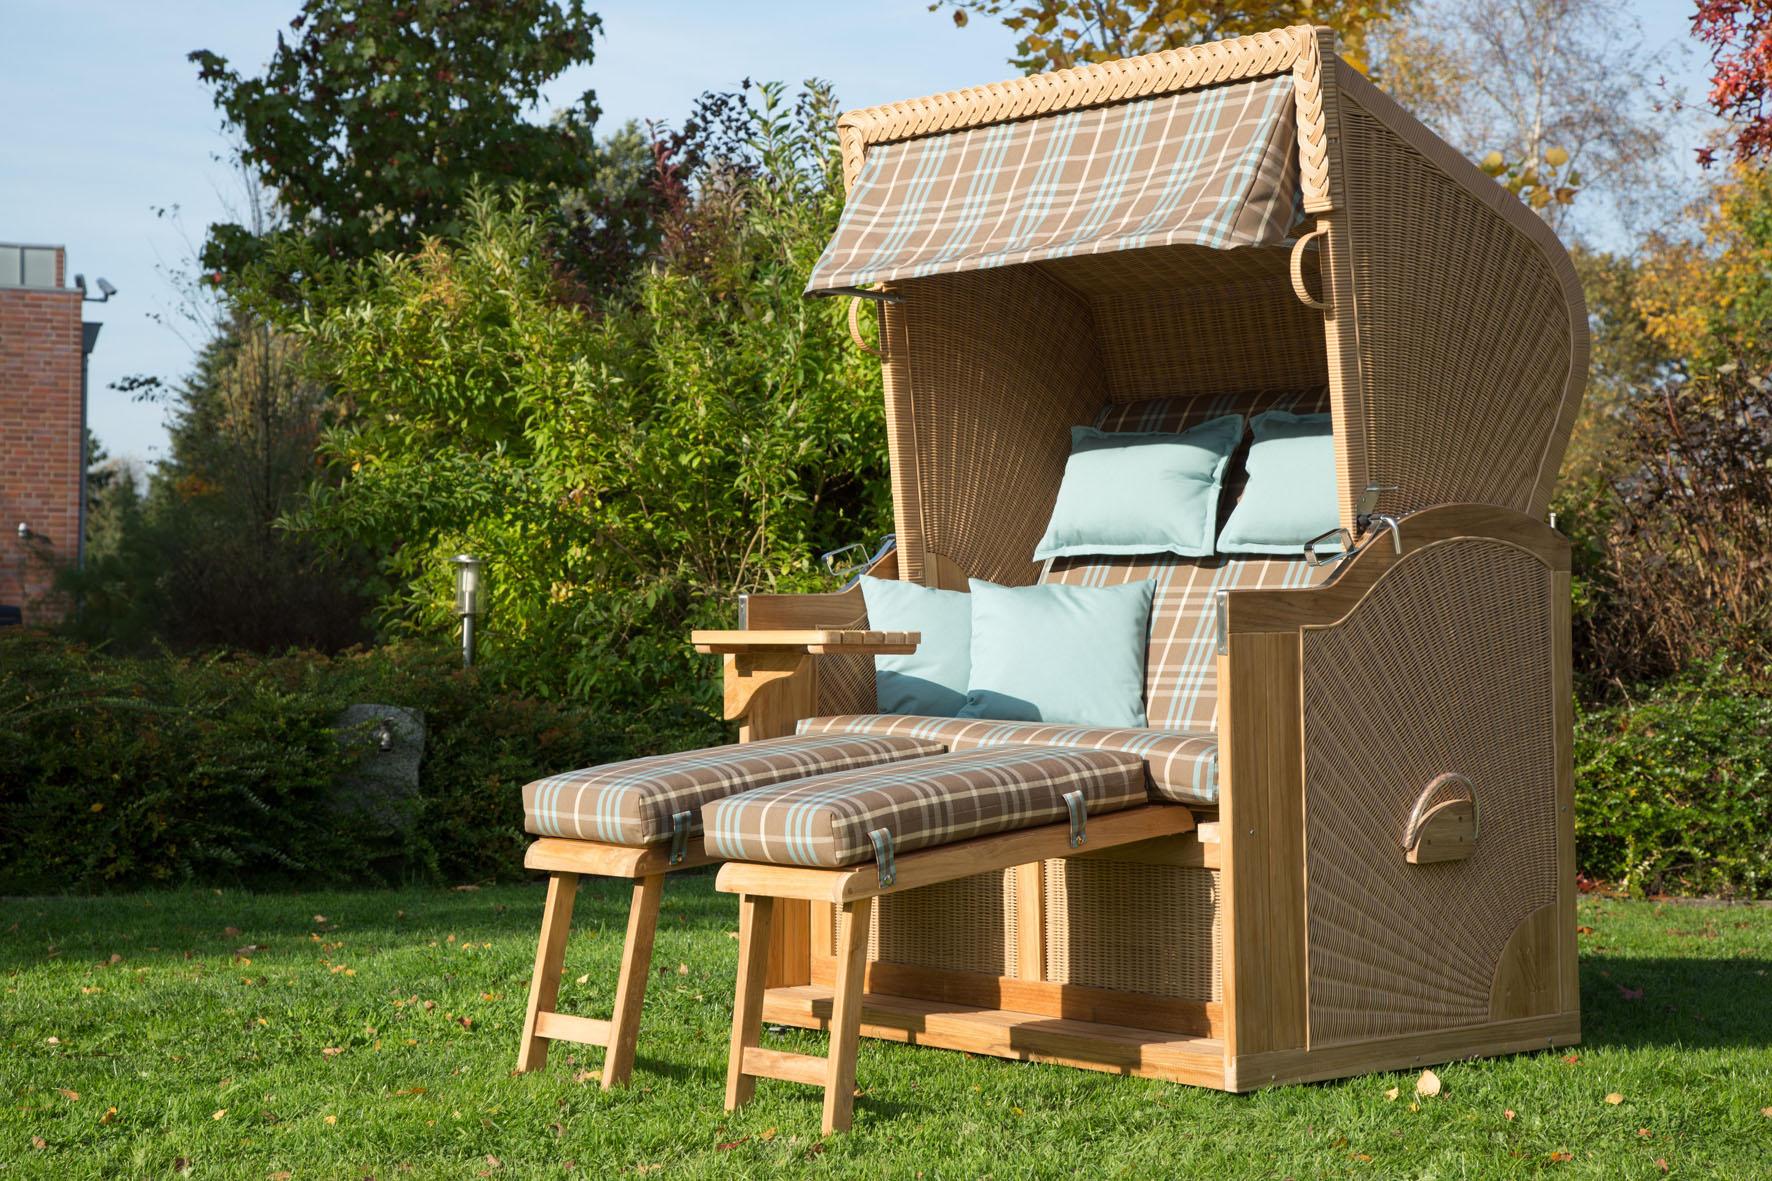 strandkorb kaufen dein neuer lieblingsplatz im garten. Black Bedroom Furniture Sets. Home Design Ideas